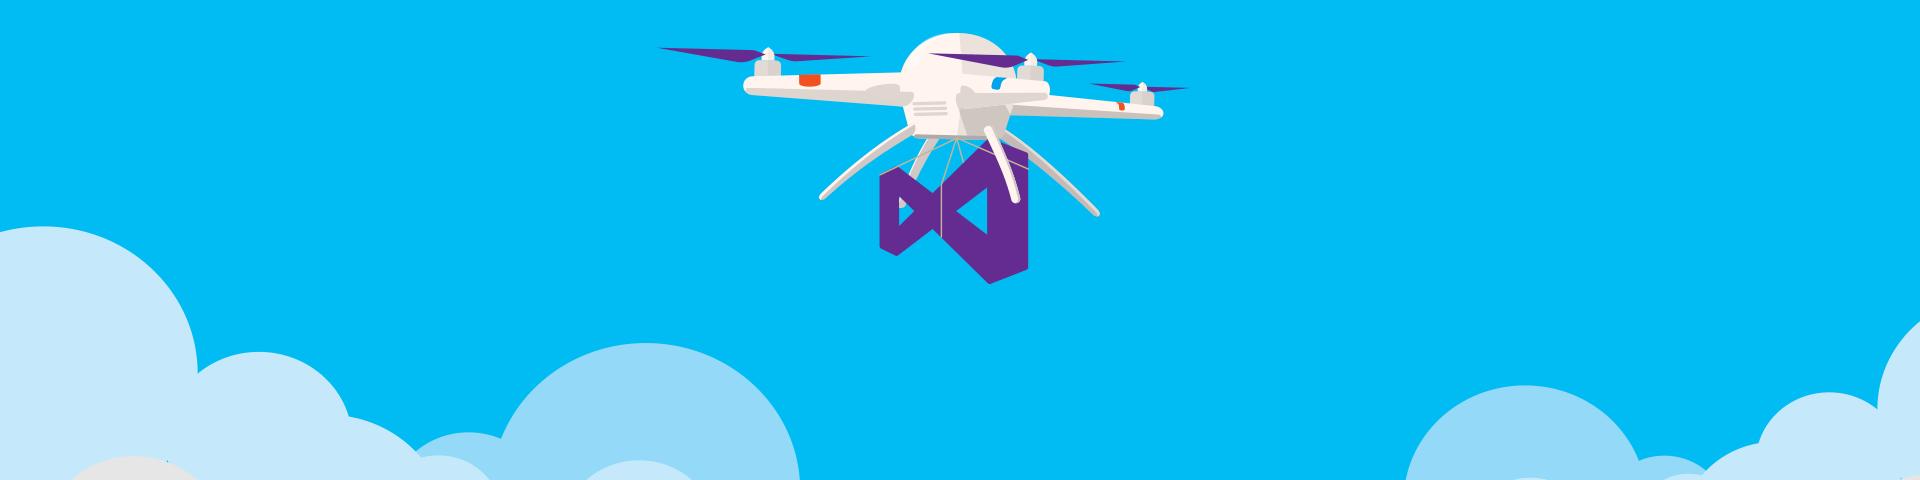 Una ilustración de un drone volando llevando el logotipo de Visual Studio